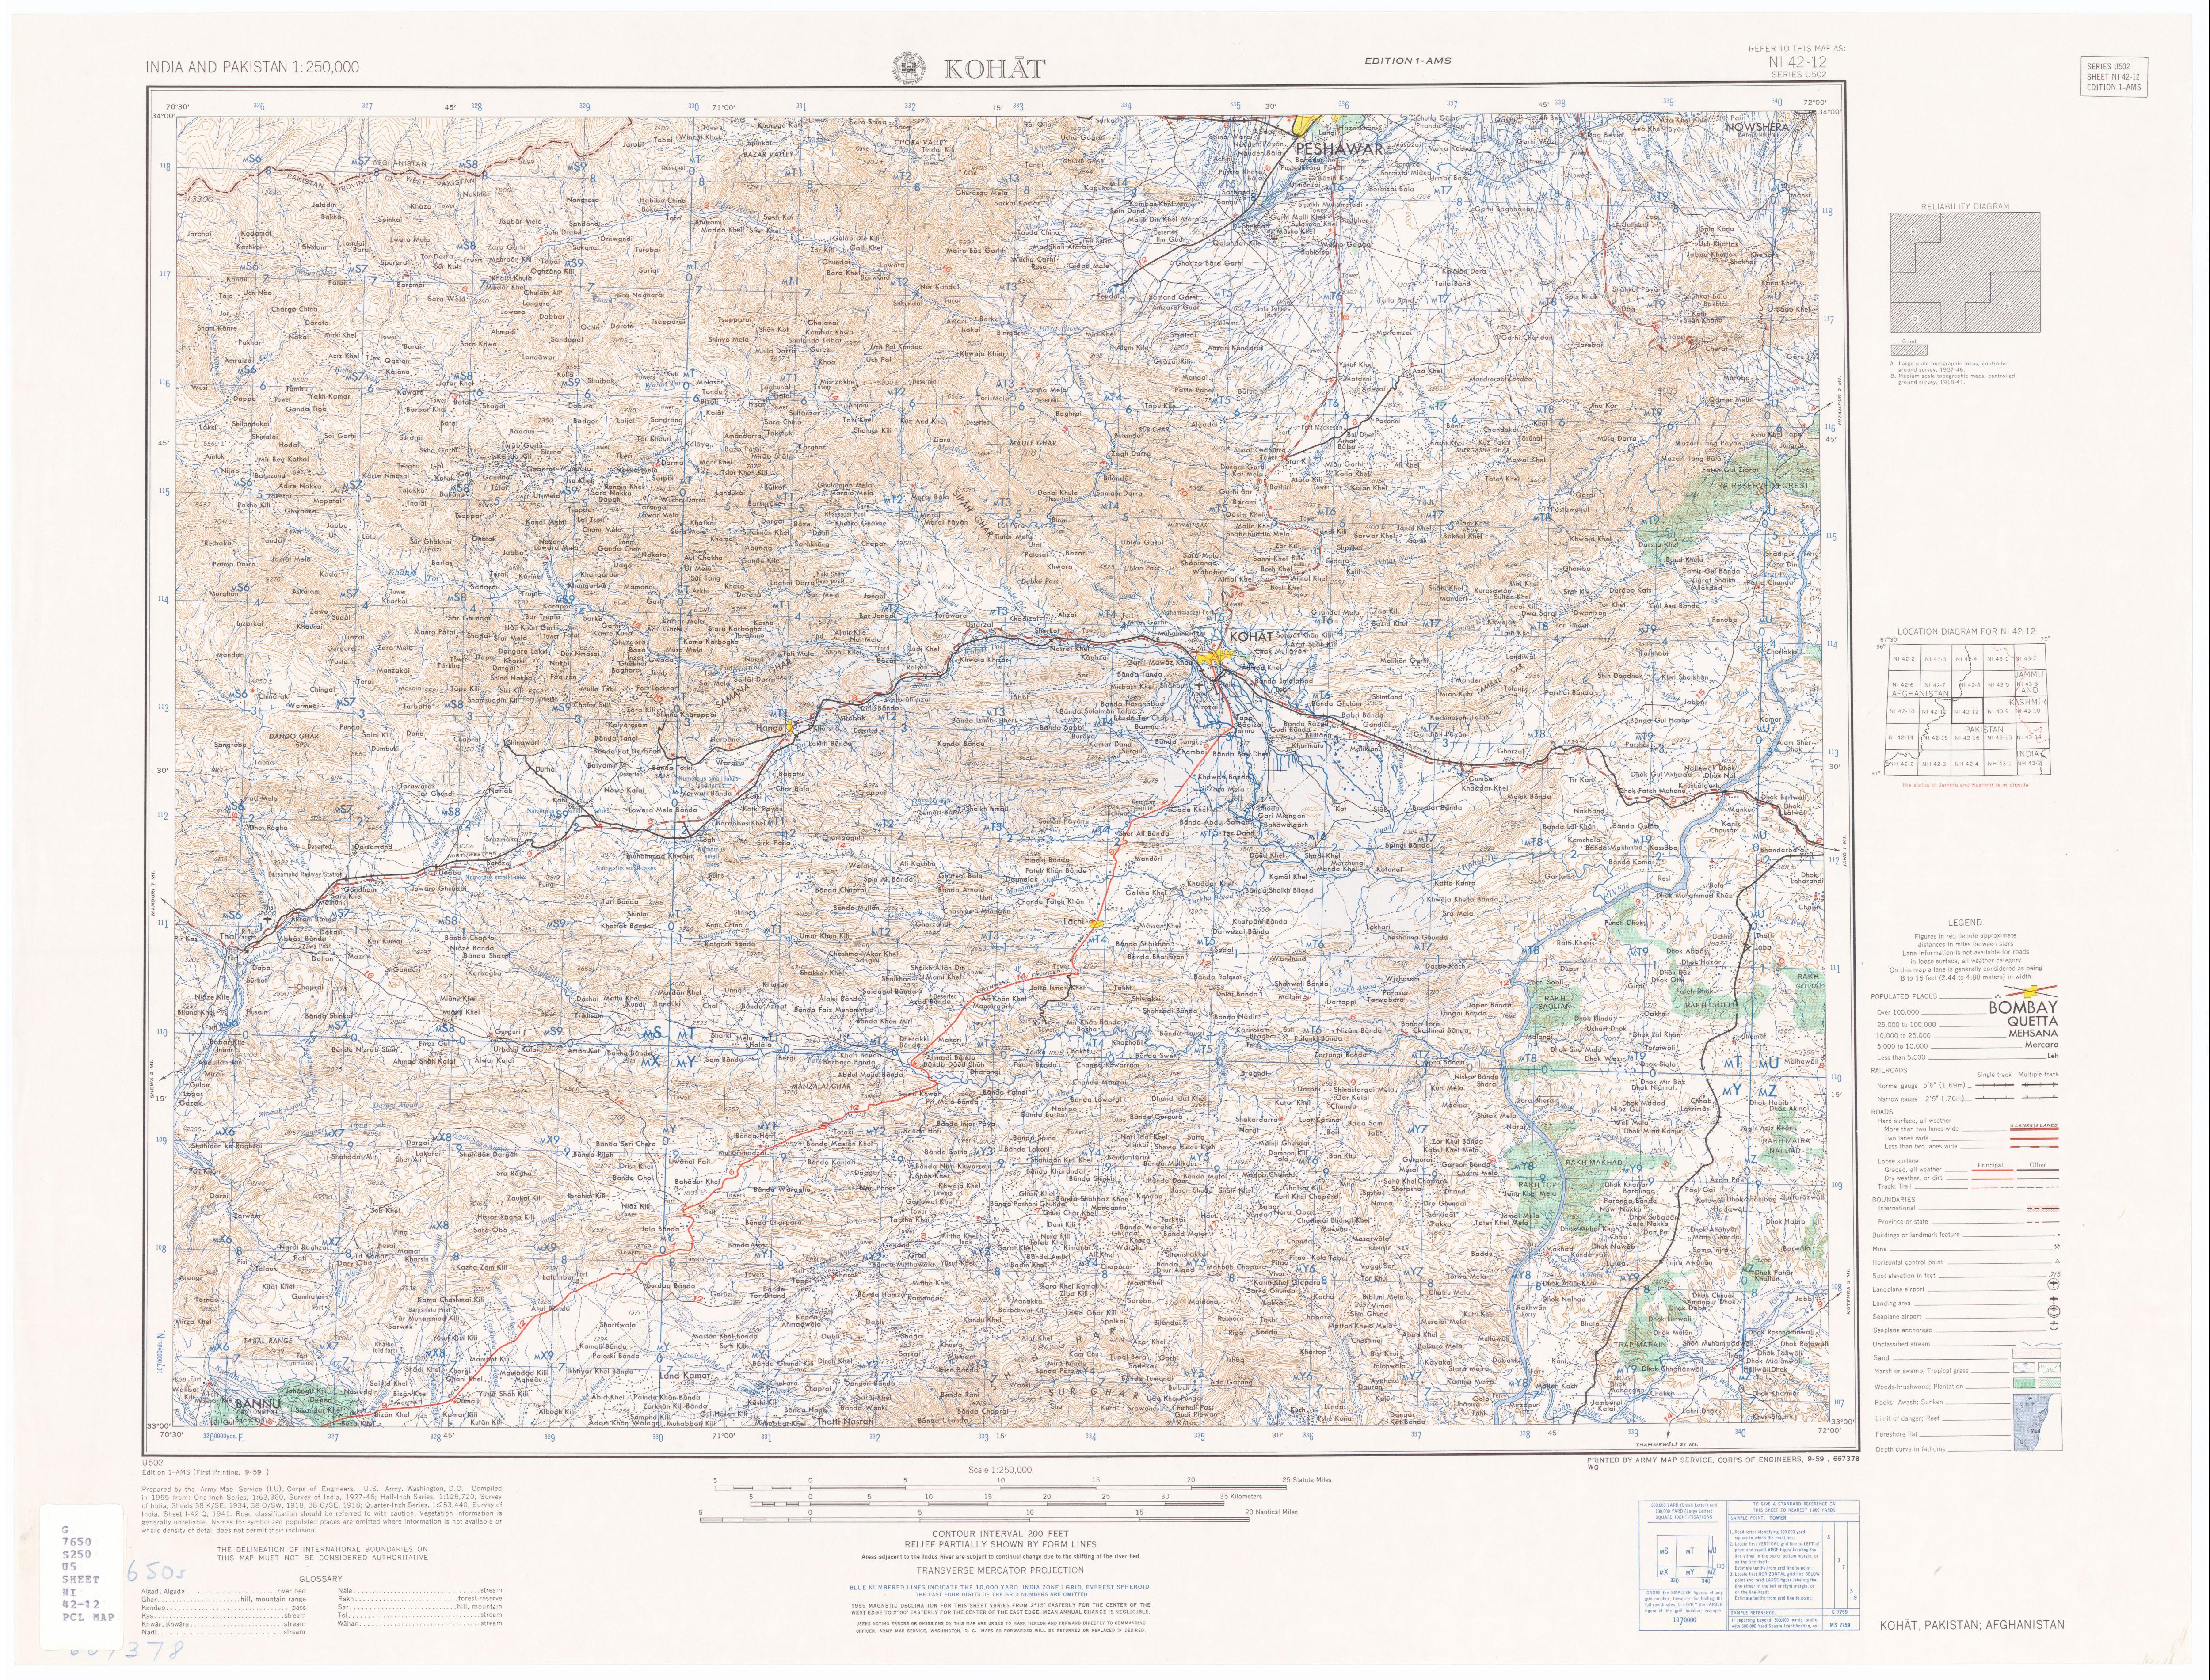 FileMap India And Pakistan Tile NI Kohatjpg - Kohat map